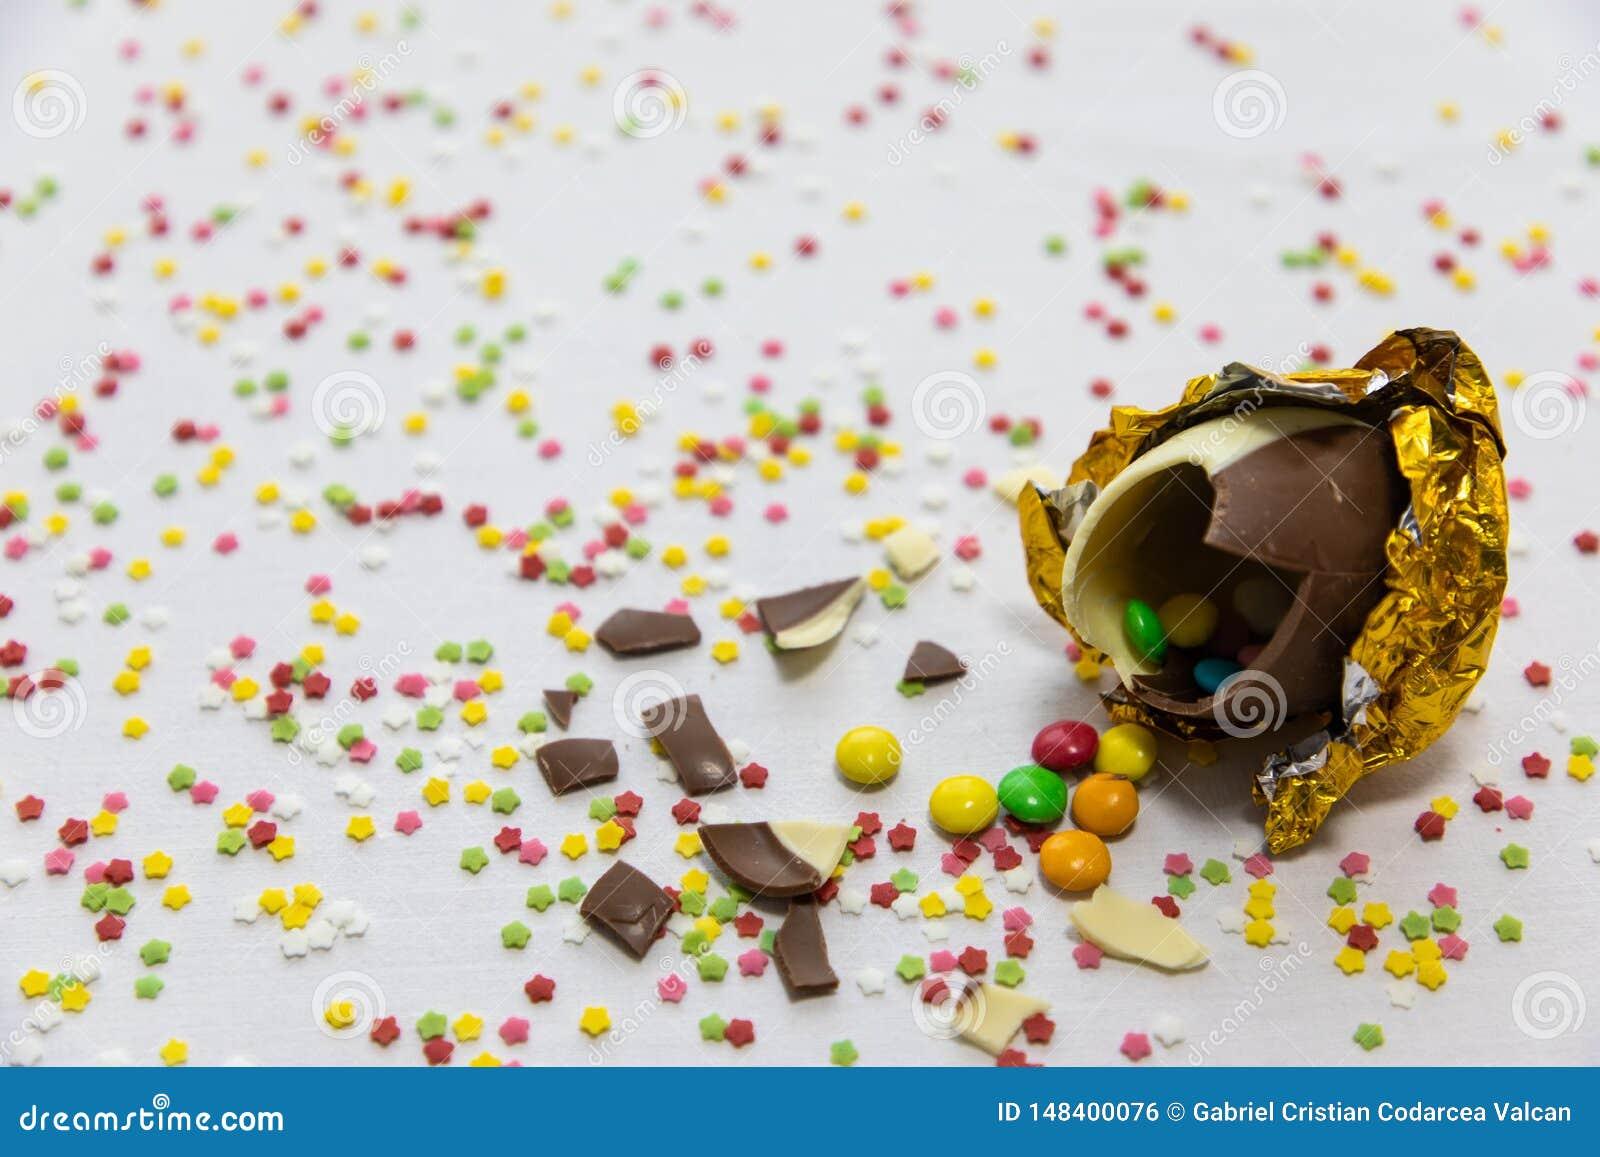 Gebroken gouden chocoladepaaseieren met kleurrijke chocolade binnen op witte achtergrond met kleurrijke vage confettien